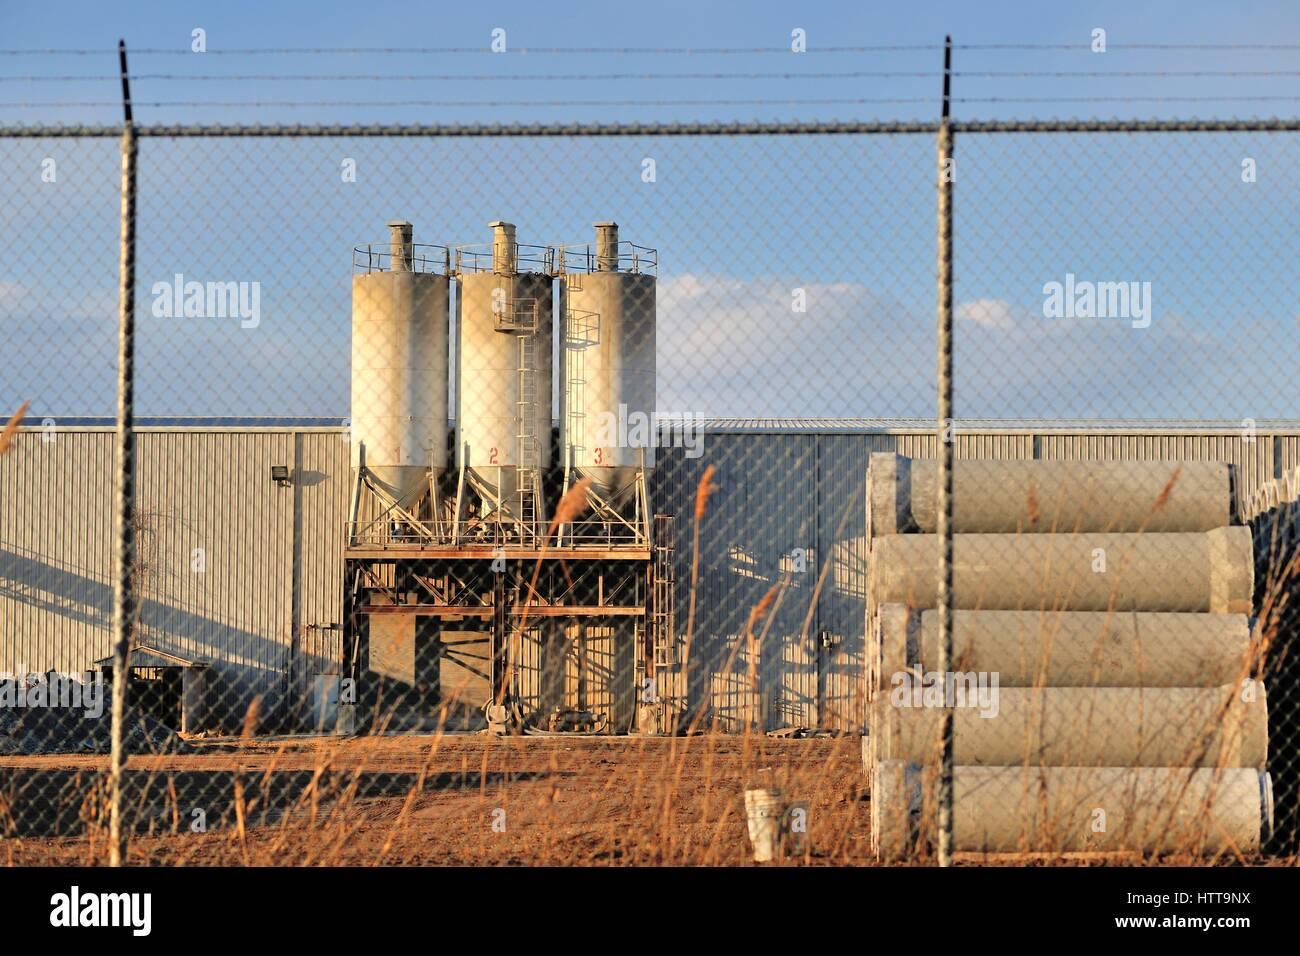 Un negocio de fabricación fija detrás de un eslabón de la cadena cerco, coronados por alambre de Imagen De Stock